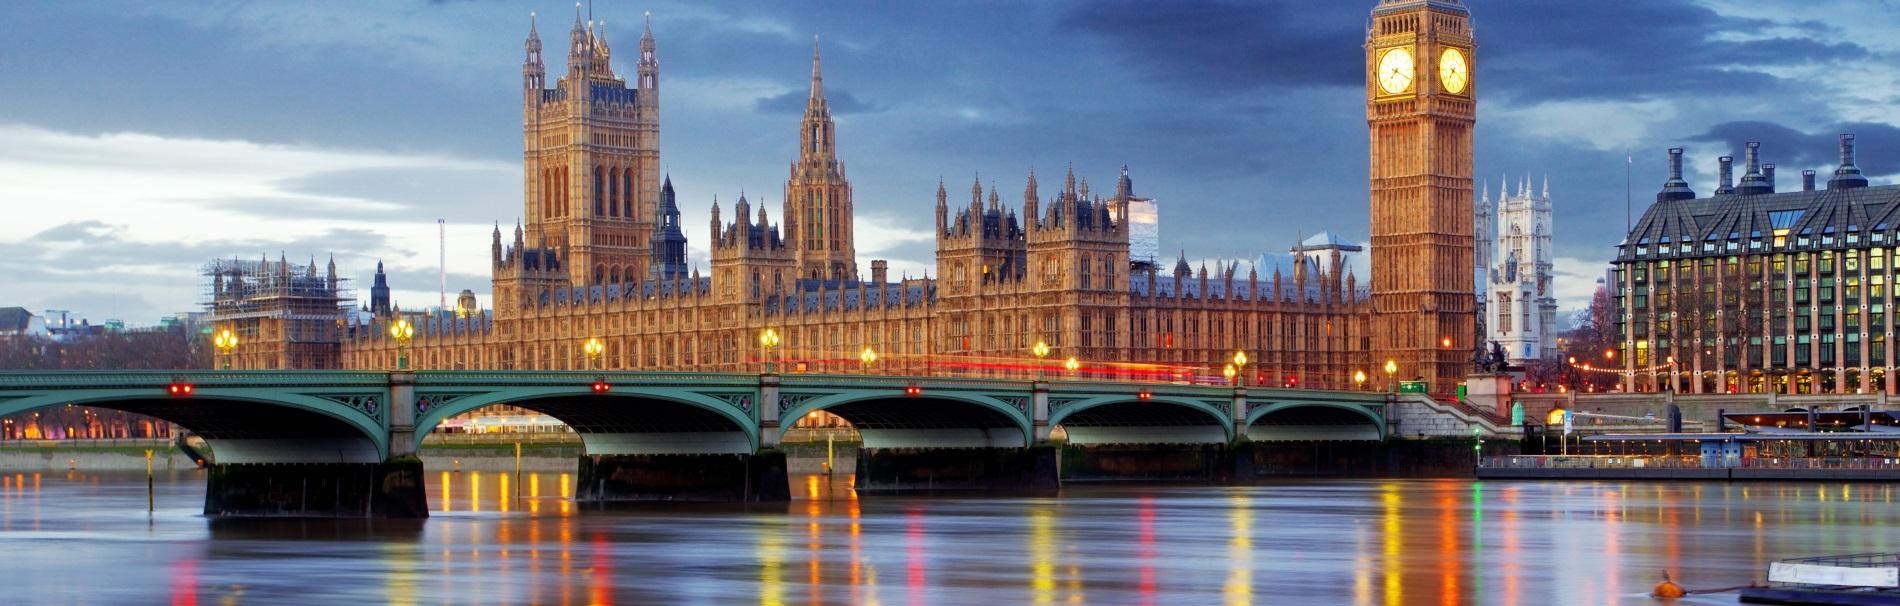 London City Breaks | City Break Ideas | Best Western Hotels